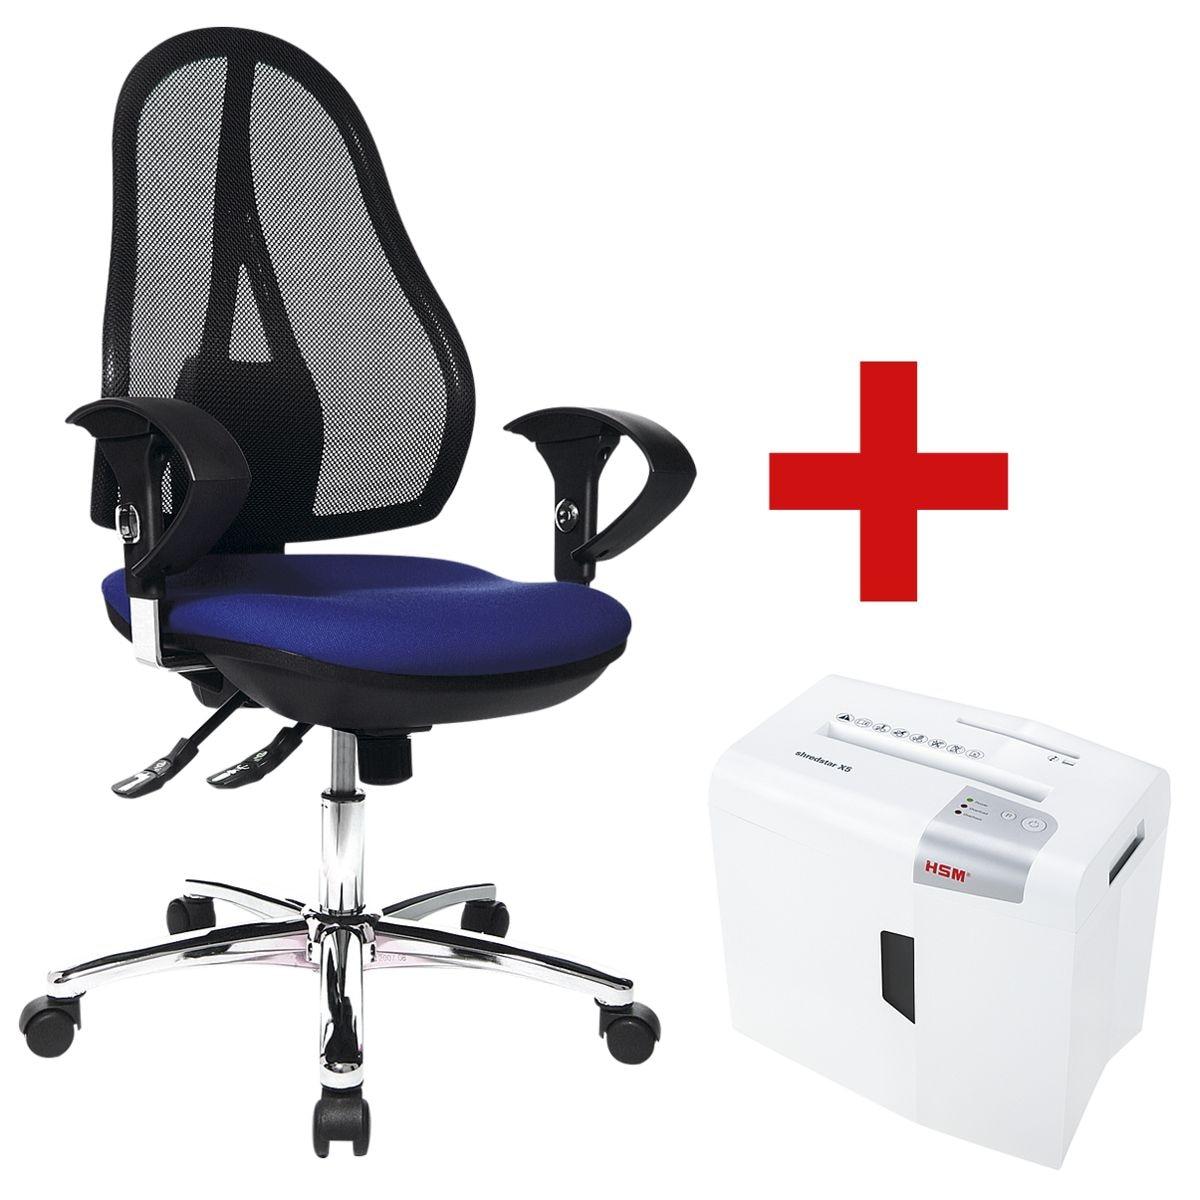 Bürostuhl »Open Point SY Deluxe« mit Armlehnen inkl. Aktenvernichter »shredstar X5 4,5 x 30 mm«